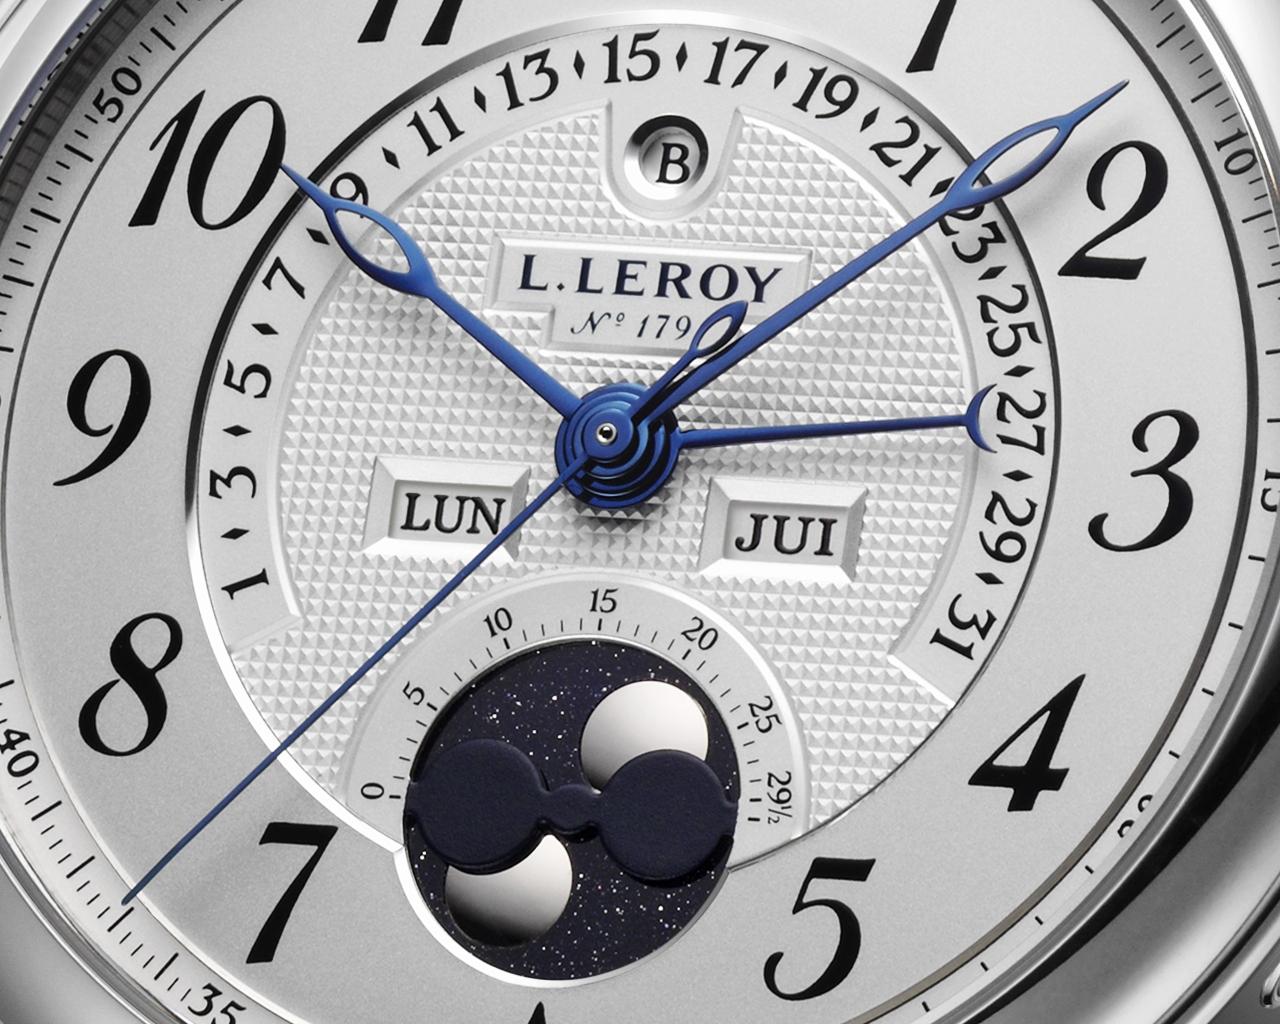 l-leroy-osmior-calendario-perpetuo-0-100_5